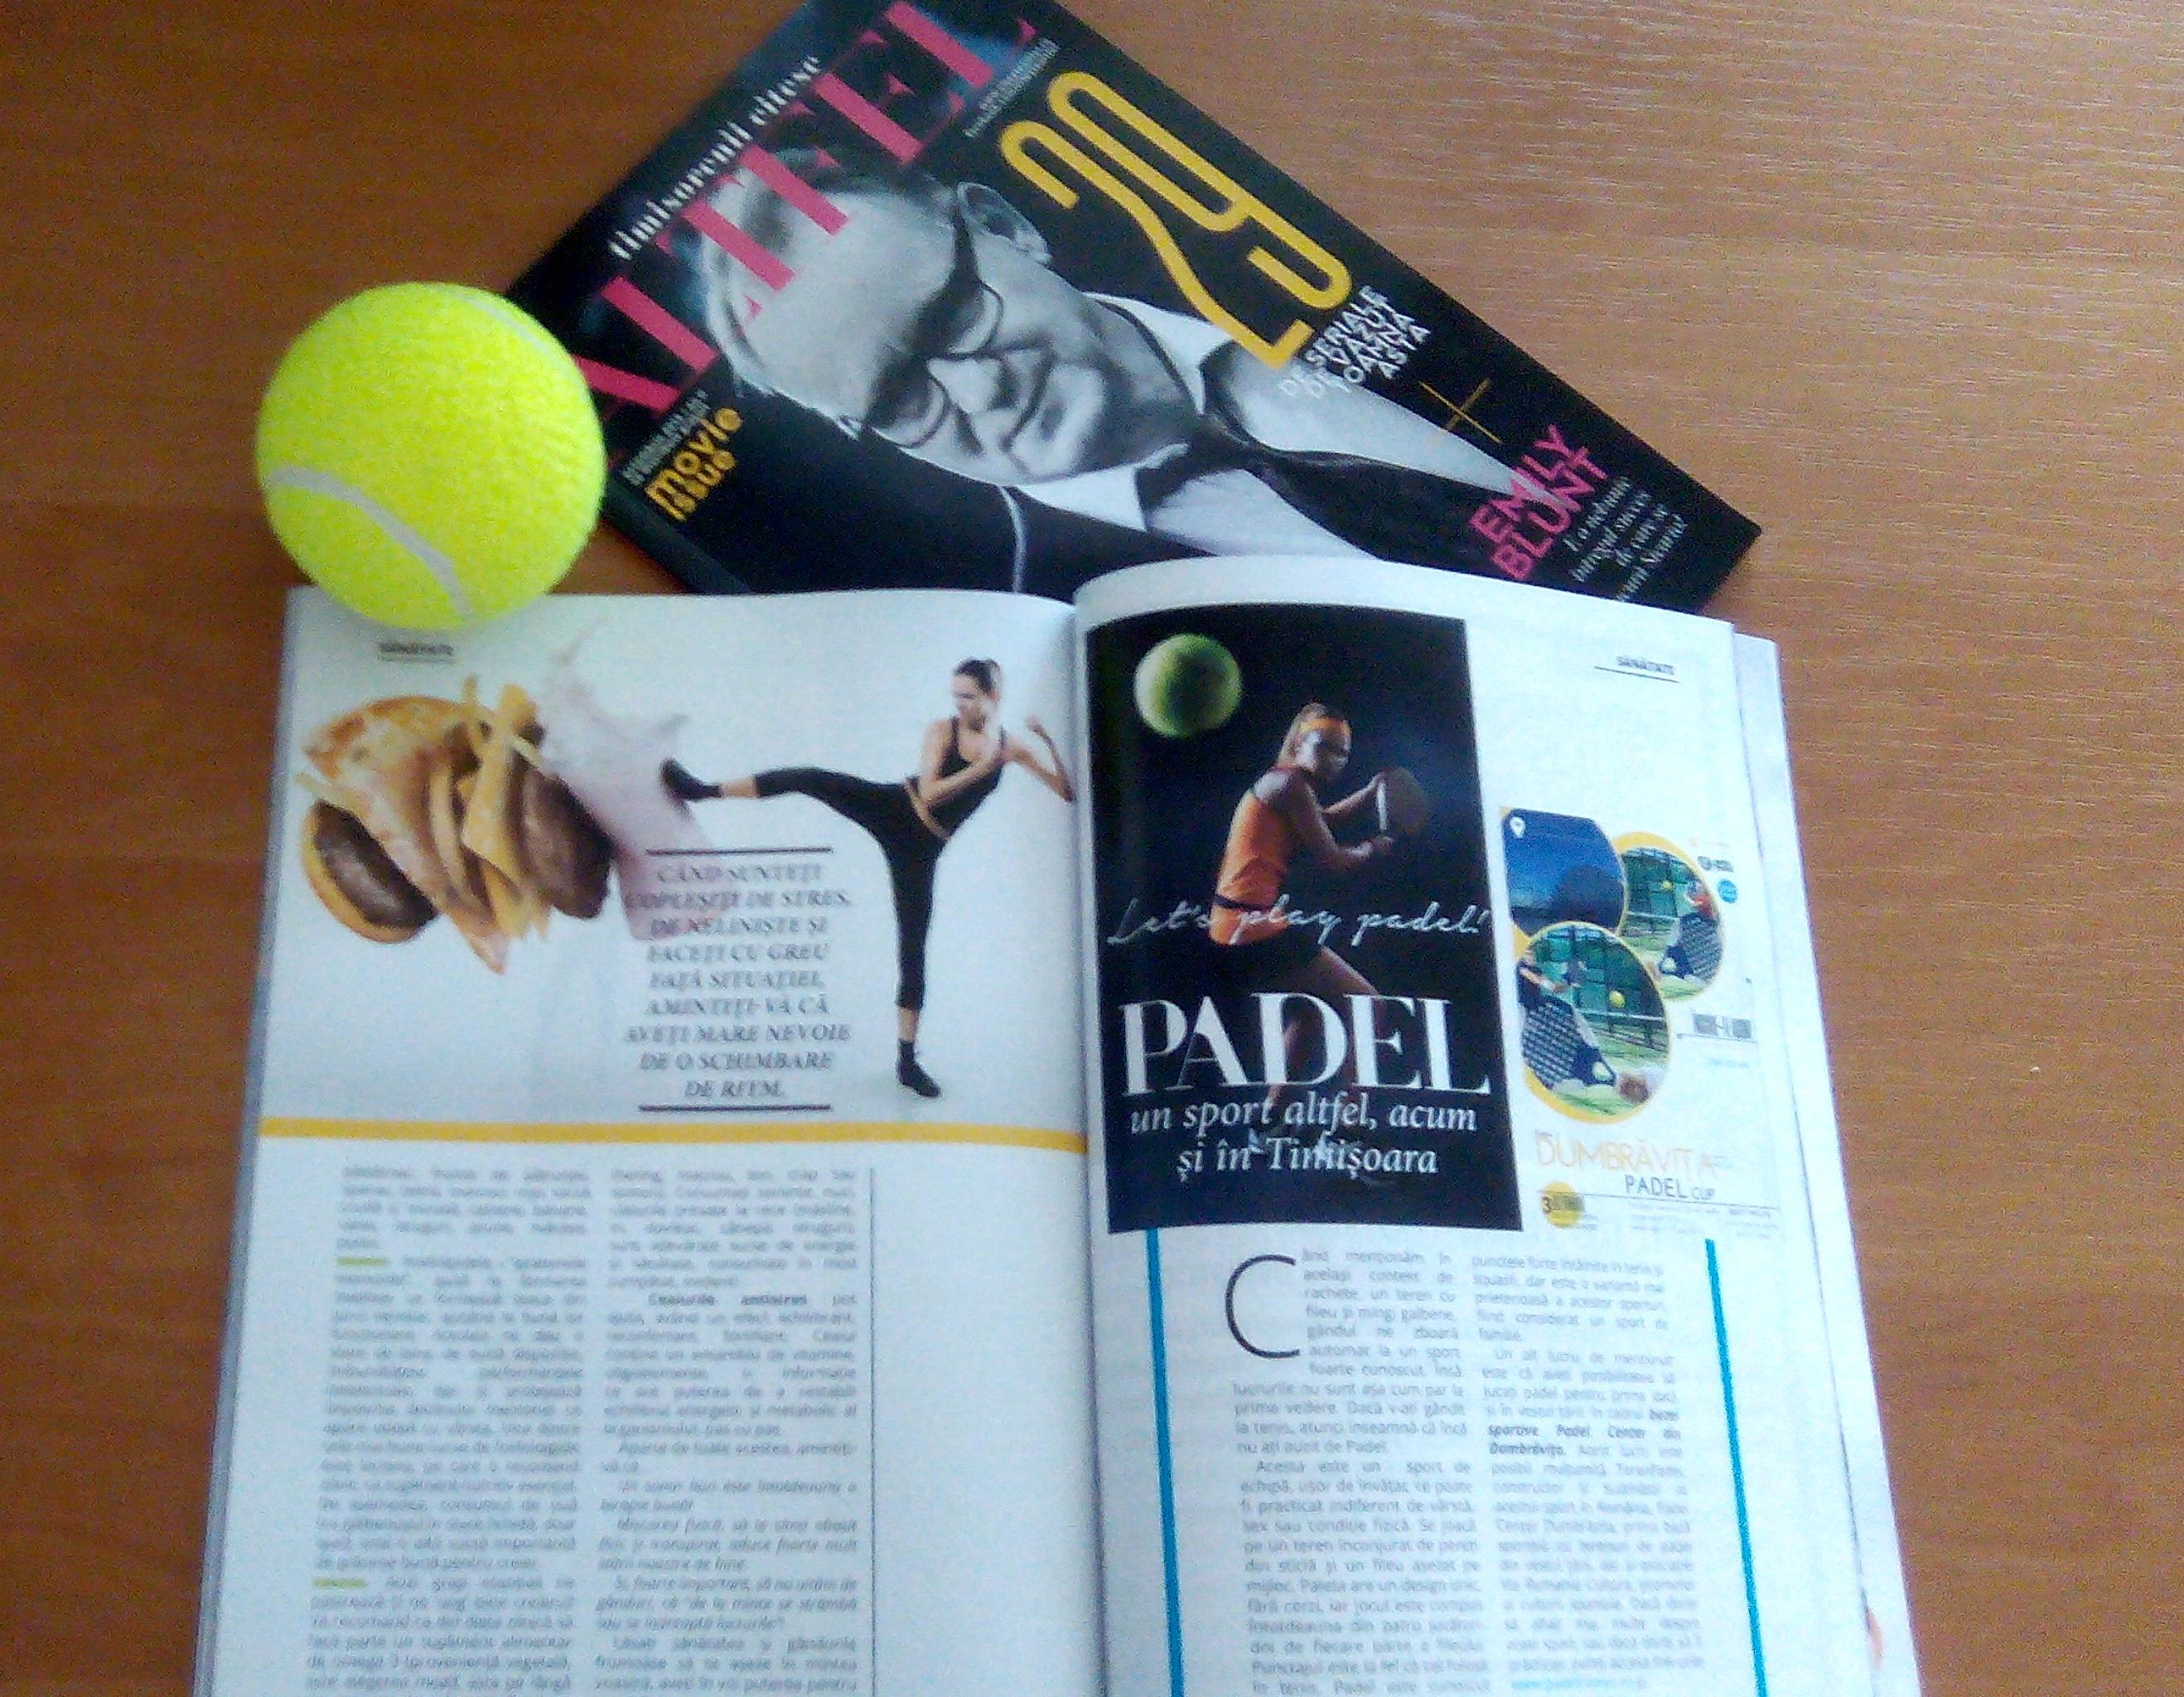 Padel in Revista Altfel